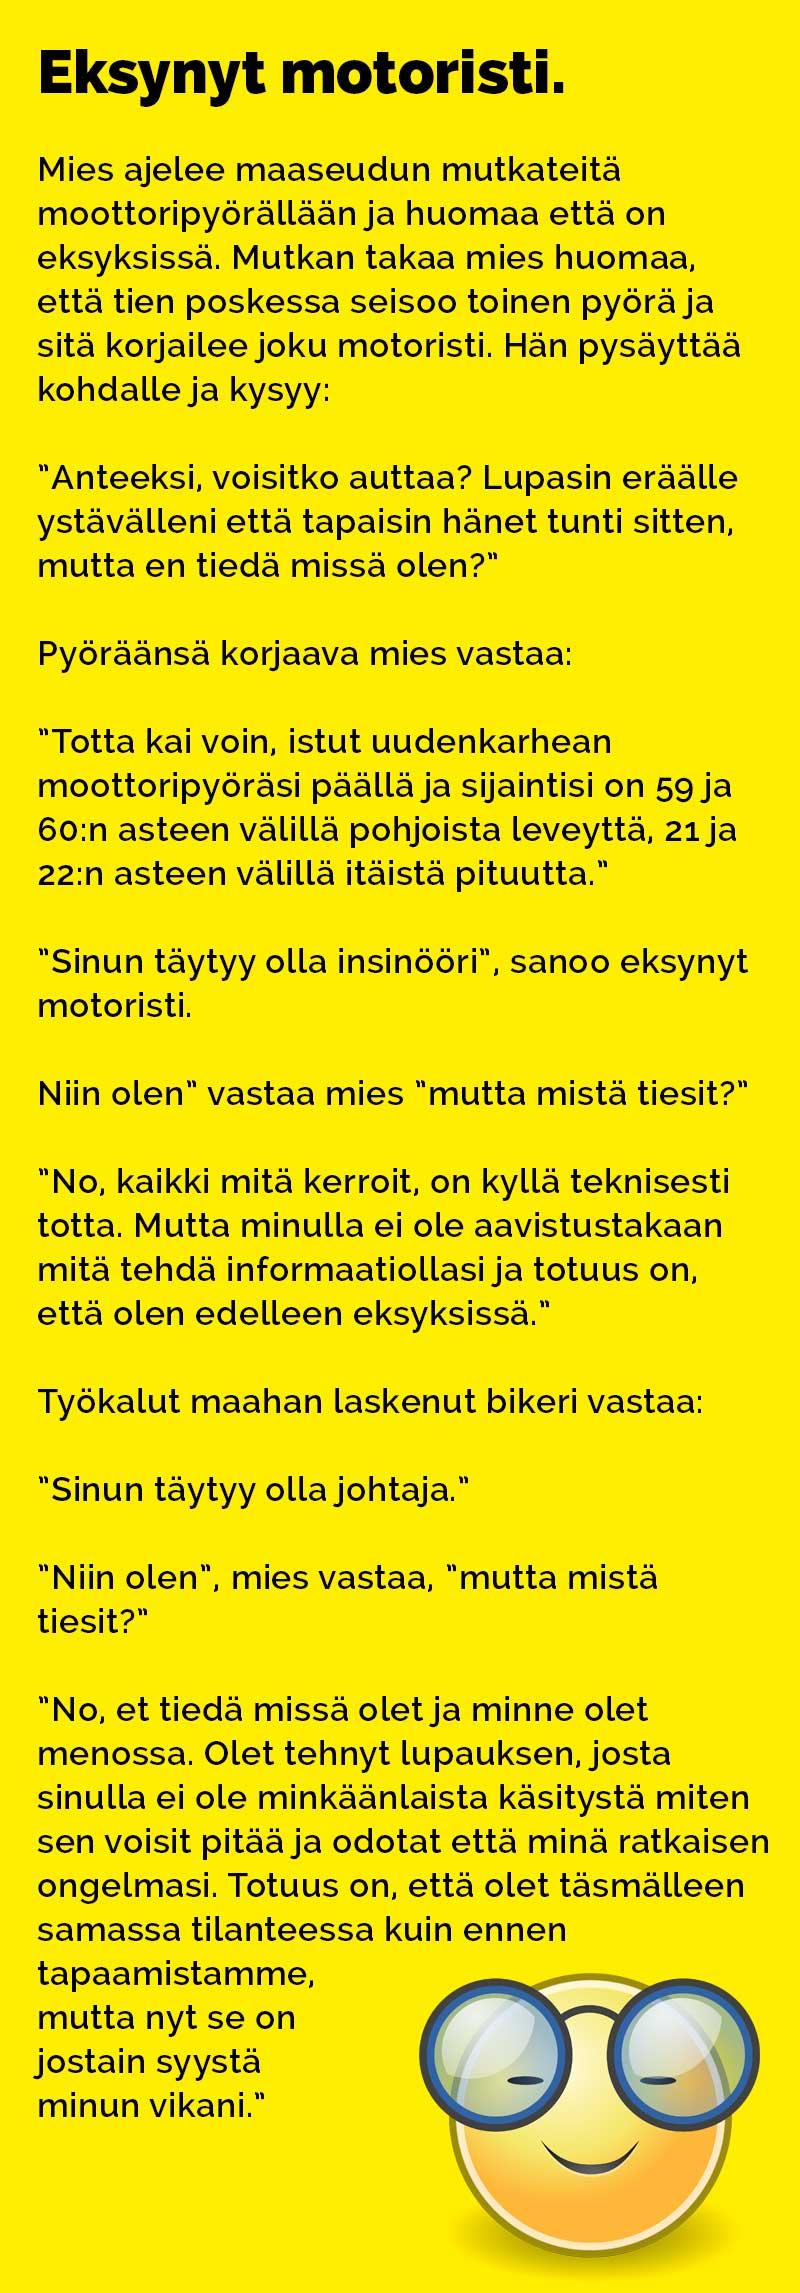 vitsit_eksynyt_motoristi_2